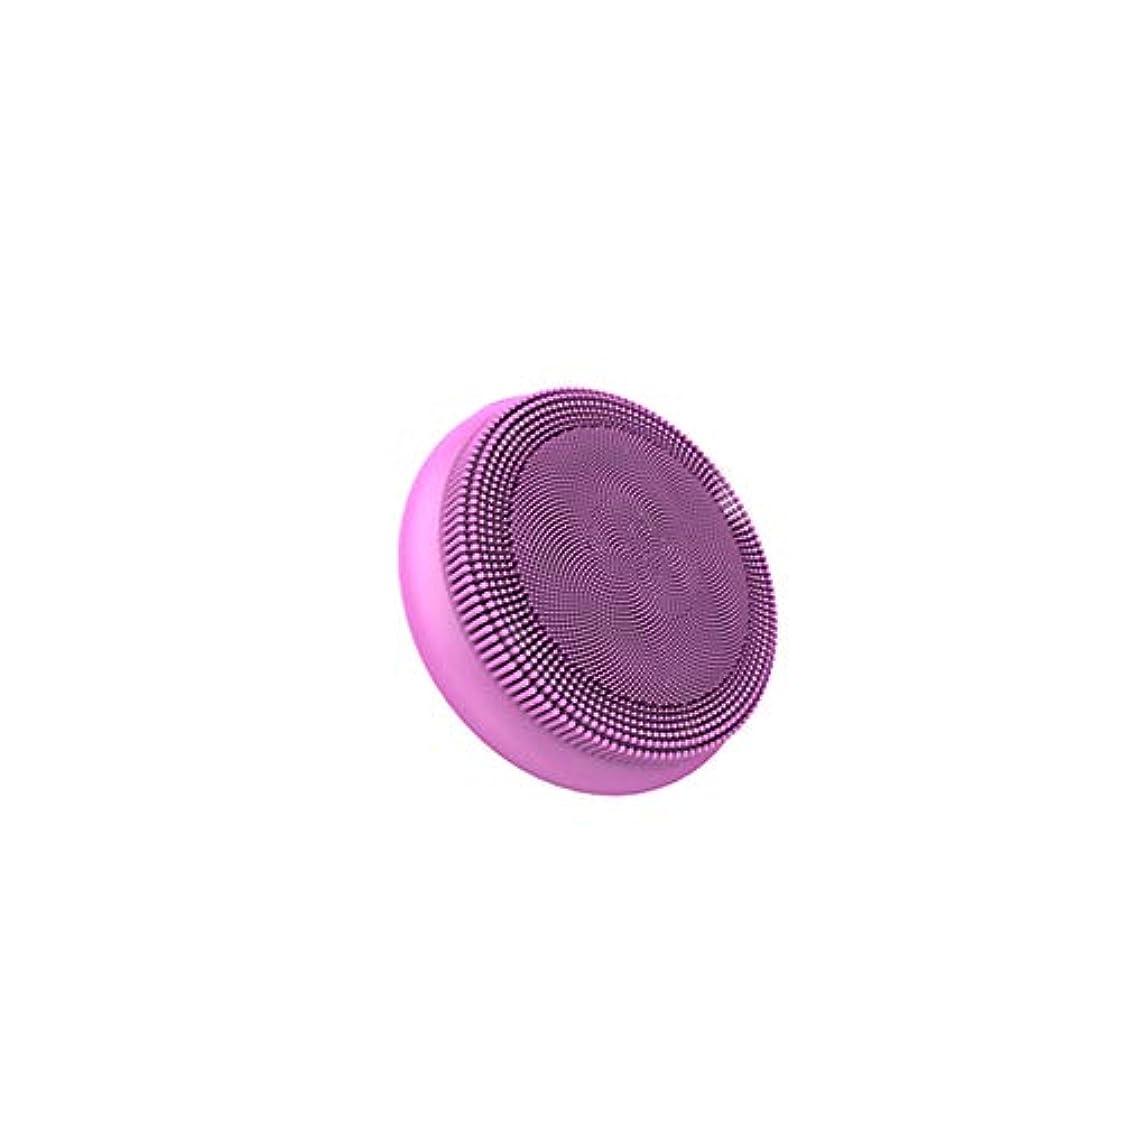 汚染されたディレクターポーチフェイシャルクレンジングブラシ、ディープクレンジング用防水シリコンフェイスマッサージャー、すべての肌タイプのアンチエイジングスキンケアデバイス,ピンク